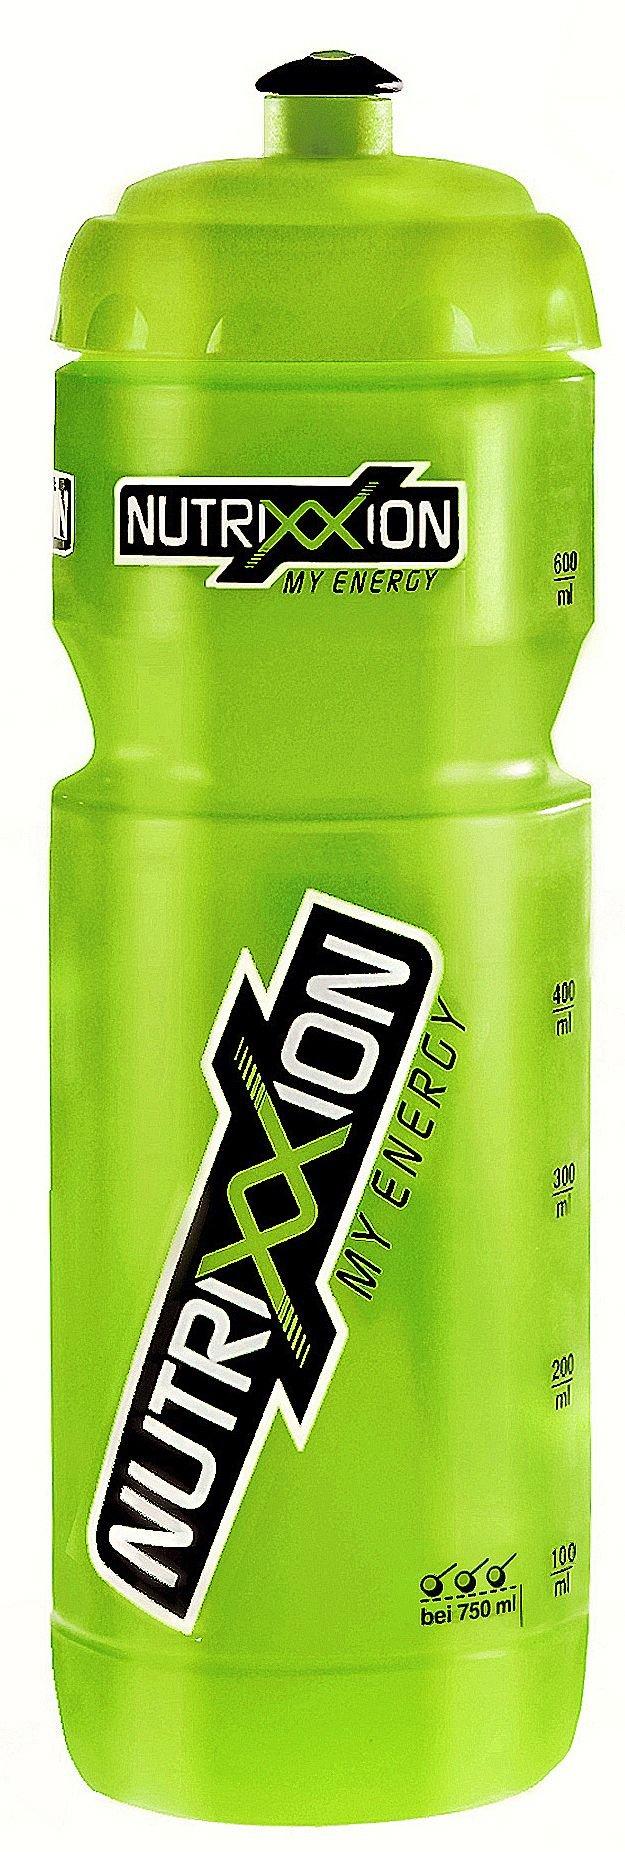 trinkflaschen/Trinkflaschen: Nutrixxion  Trinkflasche Trinkflasche 750ml